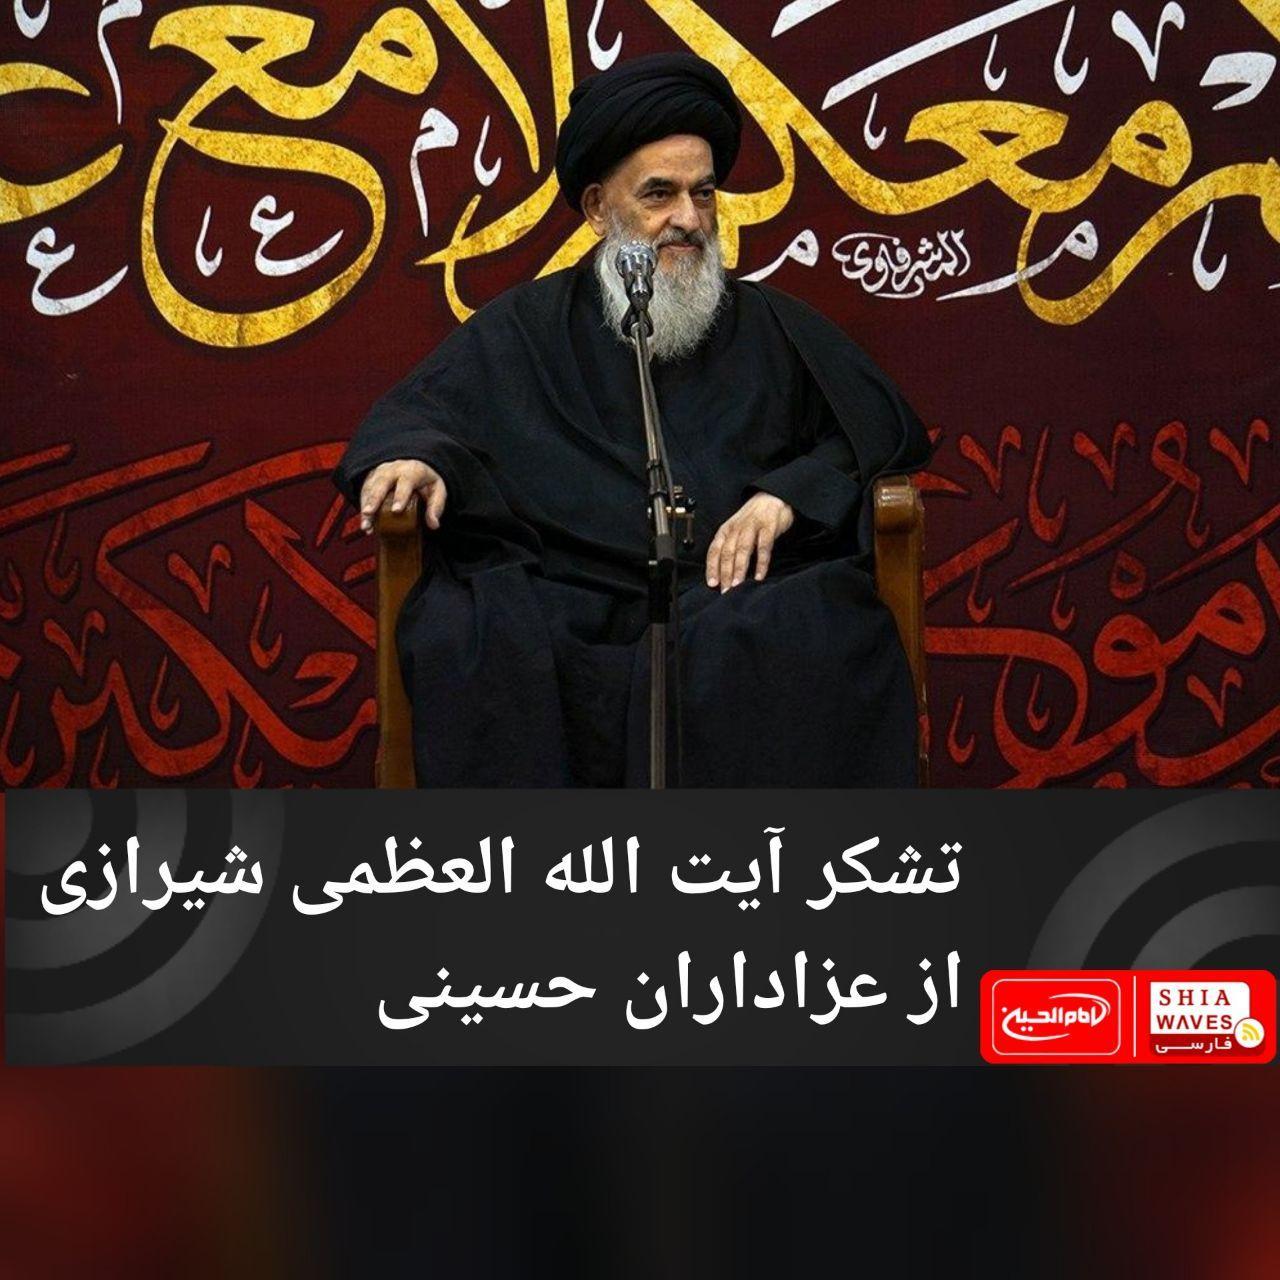 تصویر تشکر آیت الله العظمی شیرازی از عزاداران حسینی